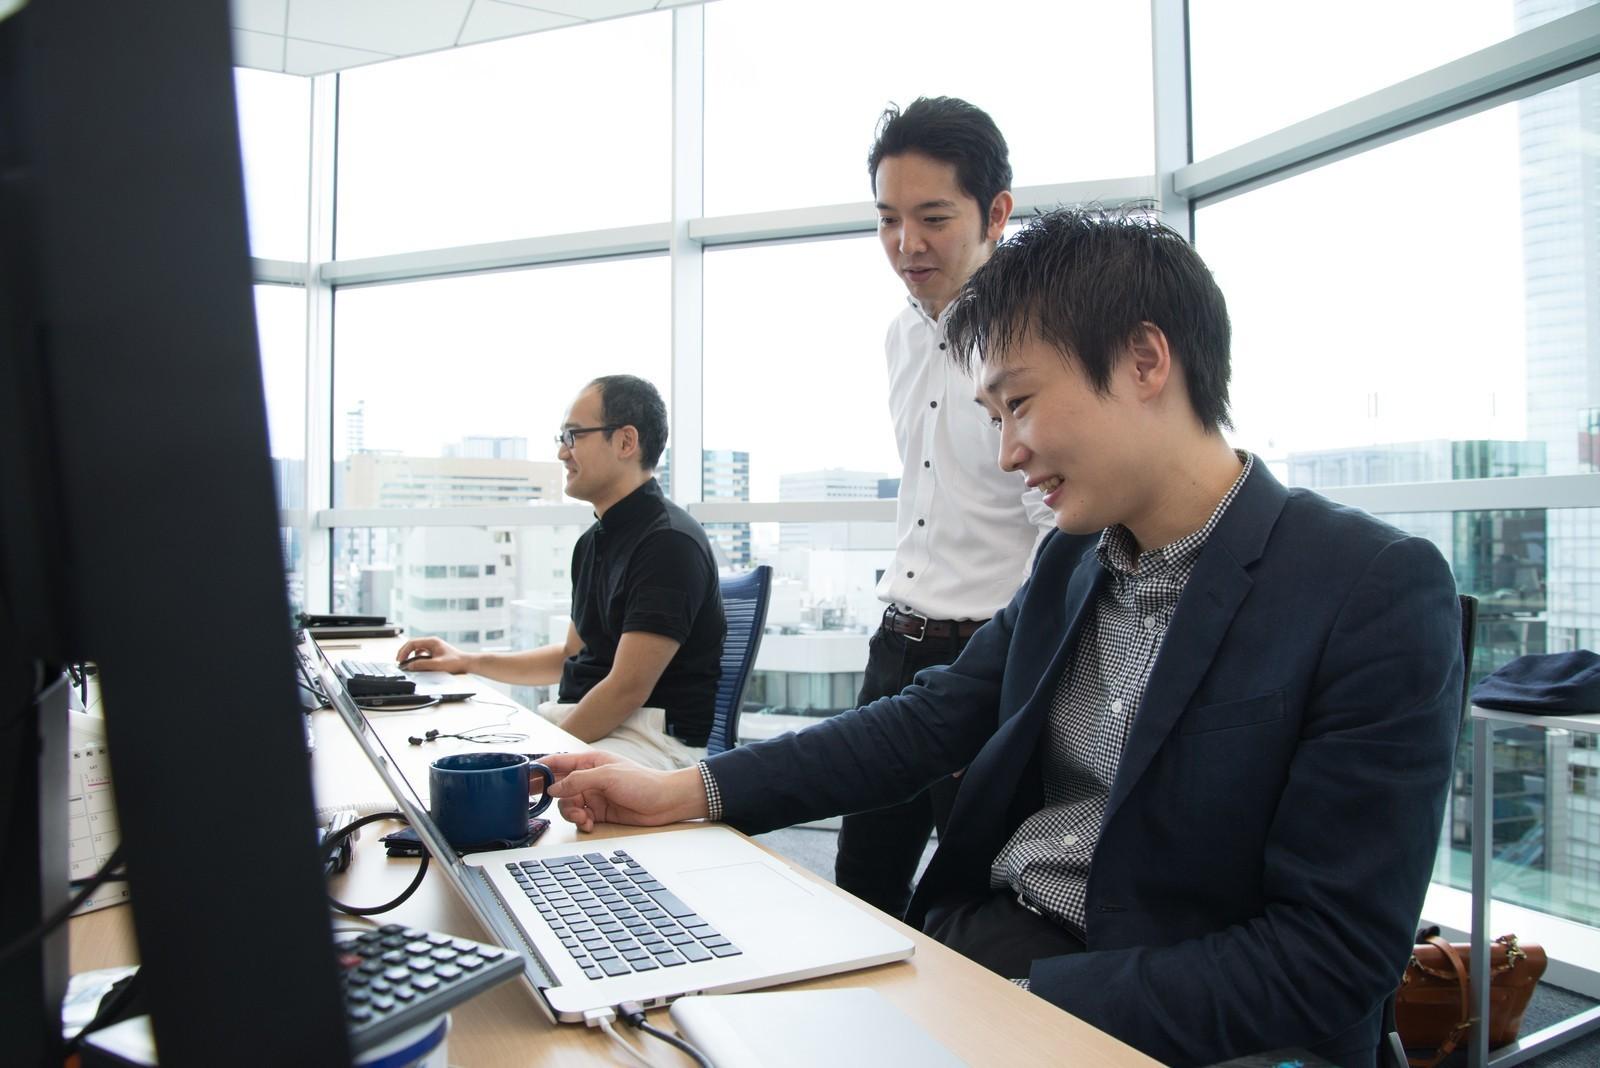 全国のマンション相場情報をユーザーに提供する「マンションマーケット」でWEBエンジニア(バックエンド)の仲間を募集します。